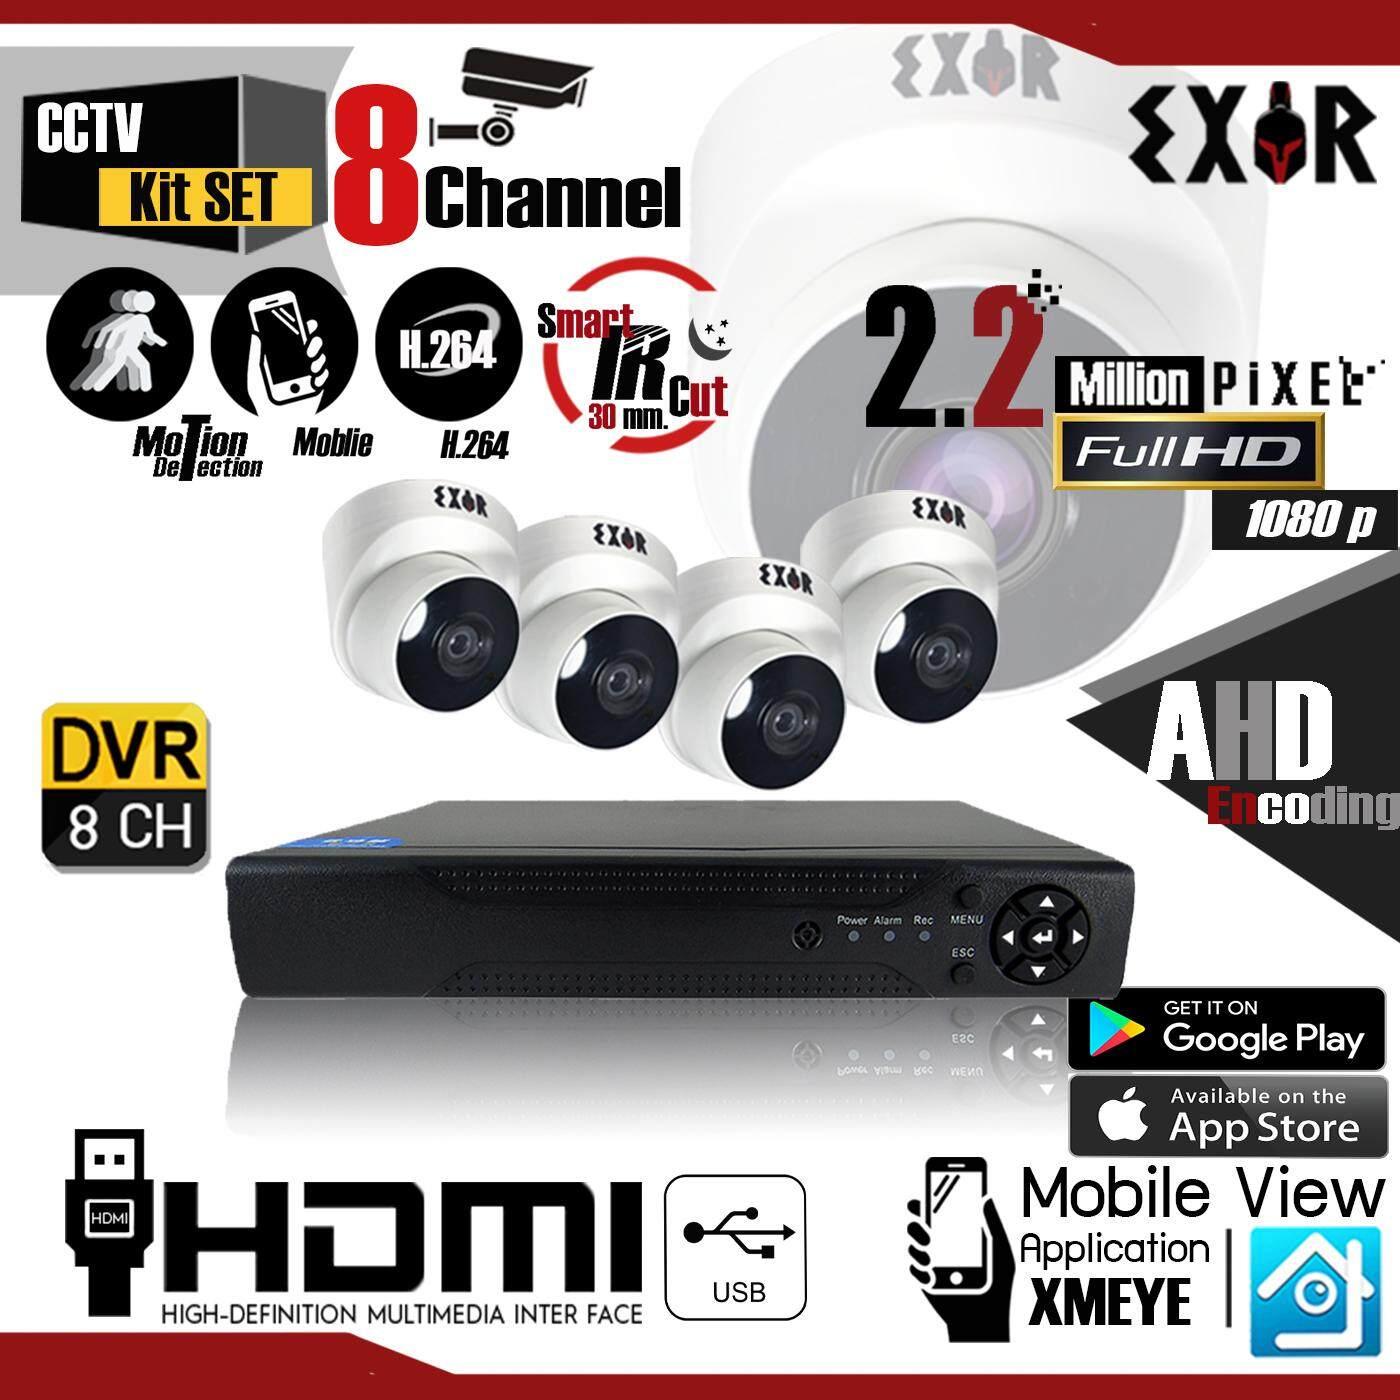 ใช้ดีจนต้องบอกต่อ ชุดกล้องวงจรปิด EXIR 8CH AHD CCTV Kit Set. กล้อง 4 ตัว ทรงโดม 2.2 MP New 2018 Model Full HD 1080p เลนส์ 4mm และ เครื่องบันทึกภาพ DVR Full HD 1080p 8 Channel+ฟรีอะแดปเตอร์ ภาพคมชัดและถูกที่สุด